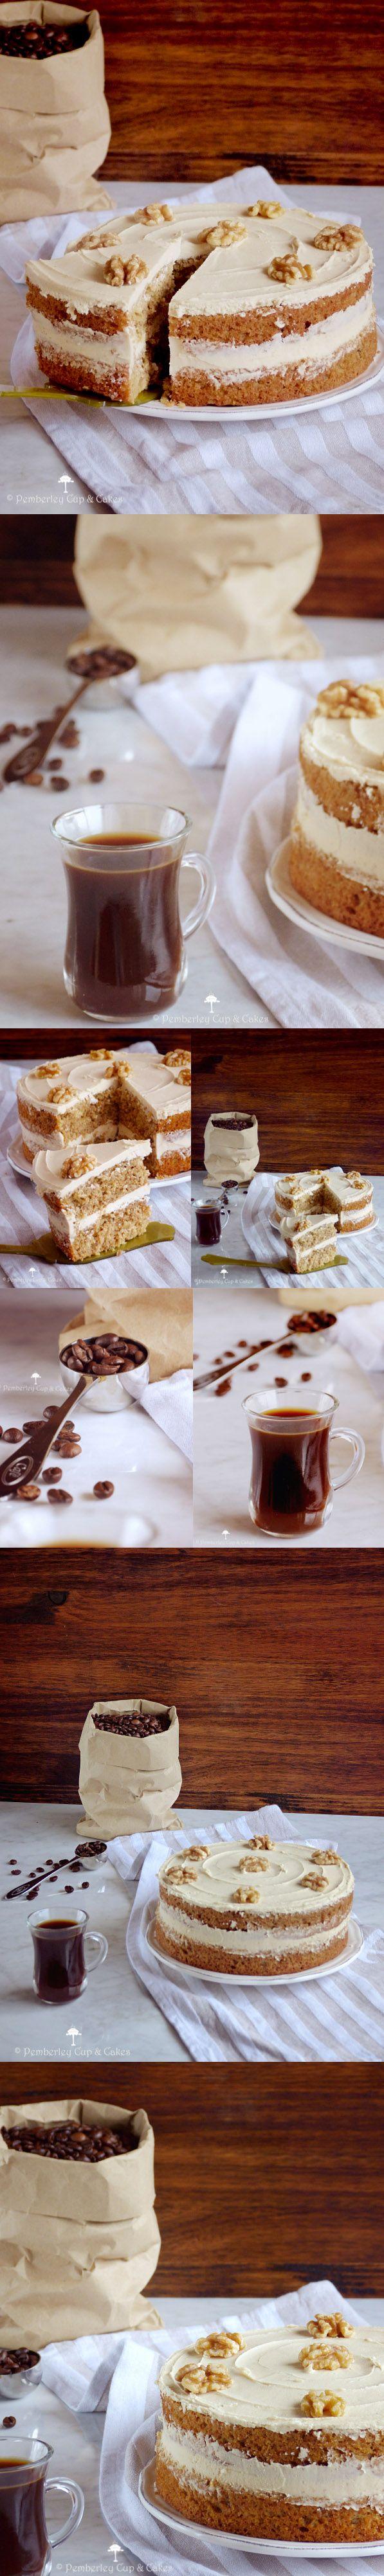 Tarta de café con nueces / http://pemberleycupandcakes.com